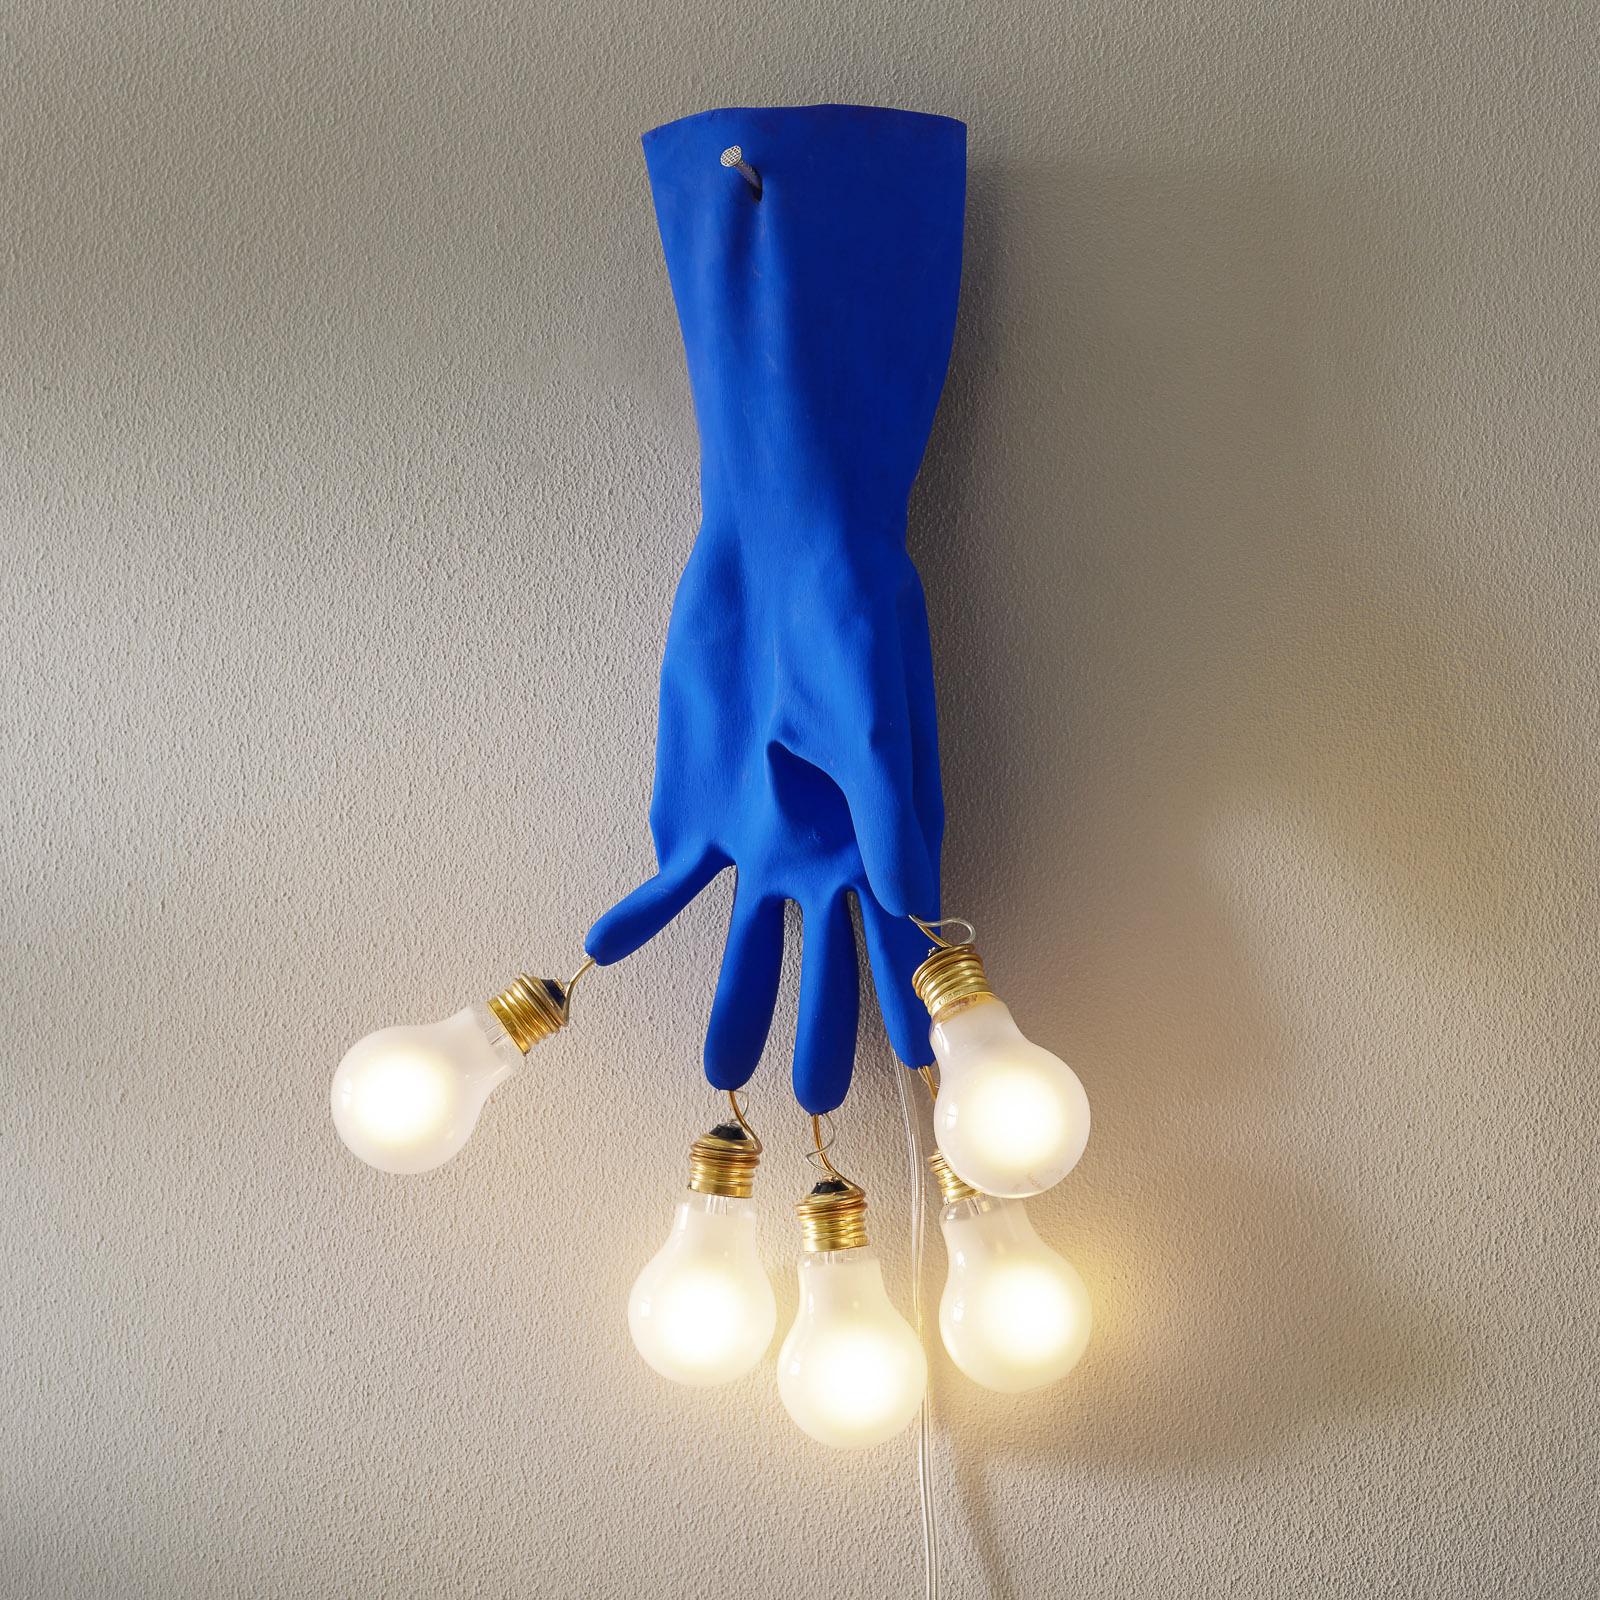 Ingo Maurer Luzy on the Wall LED wandlamp